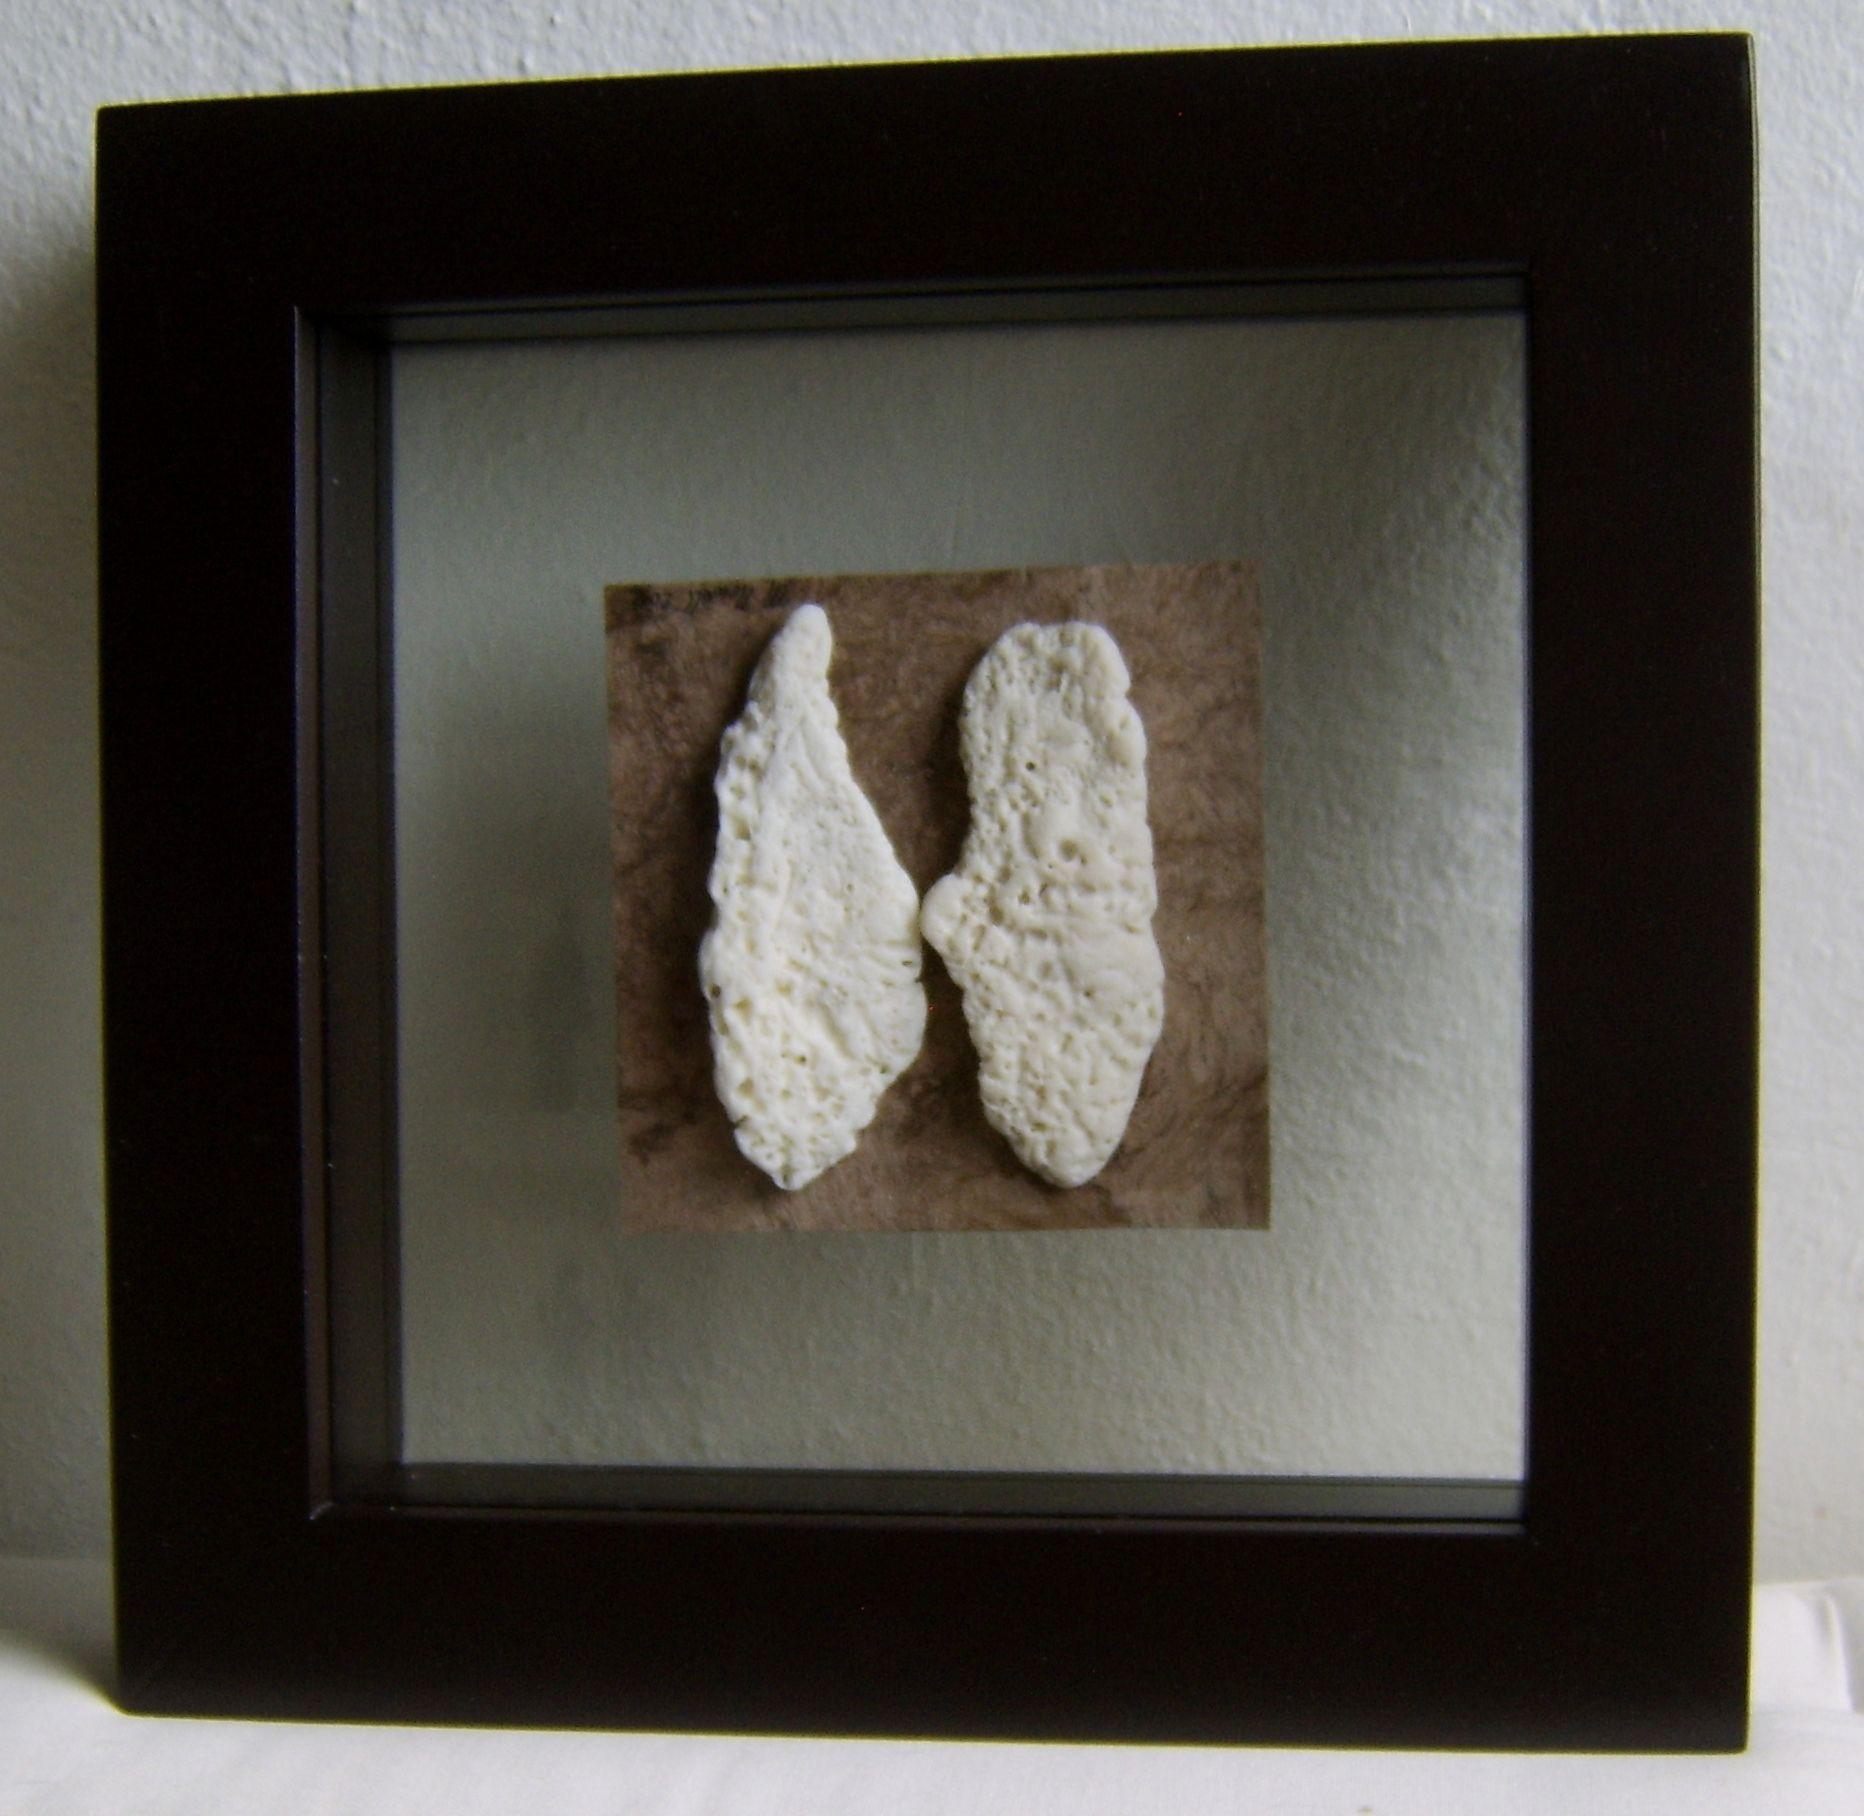 mariposa de caracoles rotos en marco de madera y doble vidrio ...